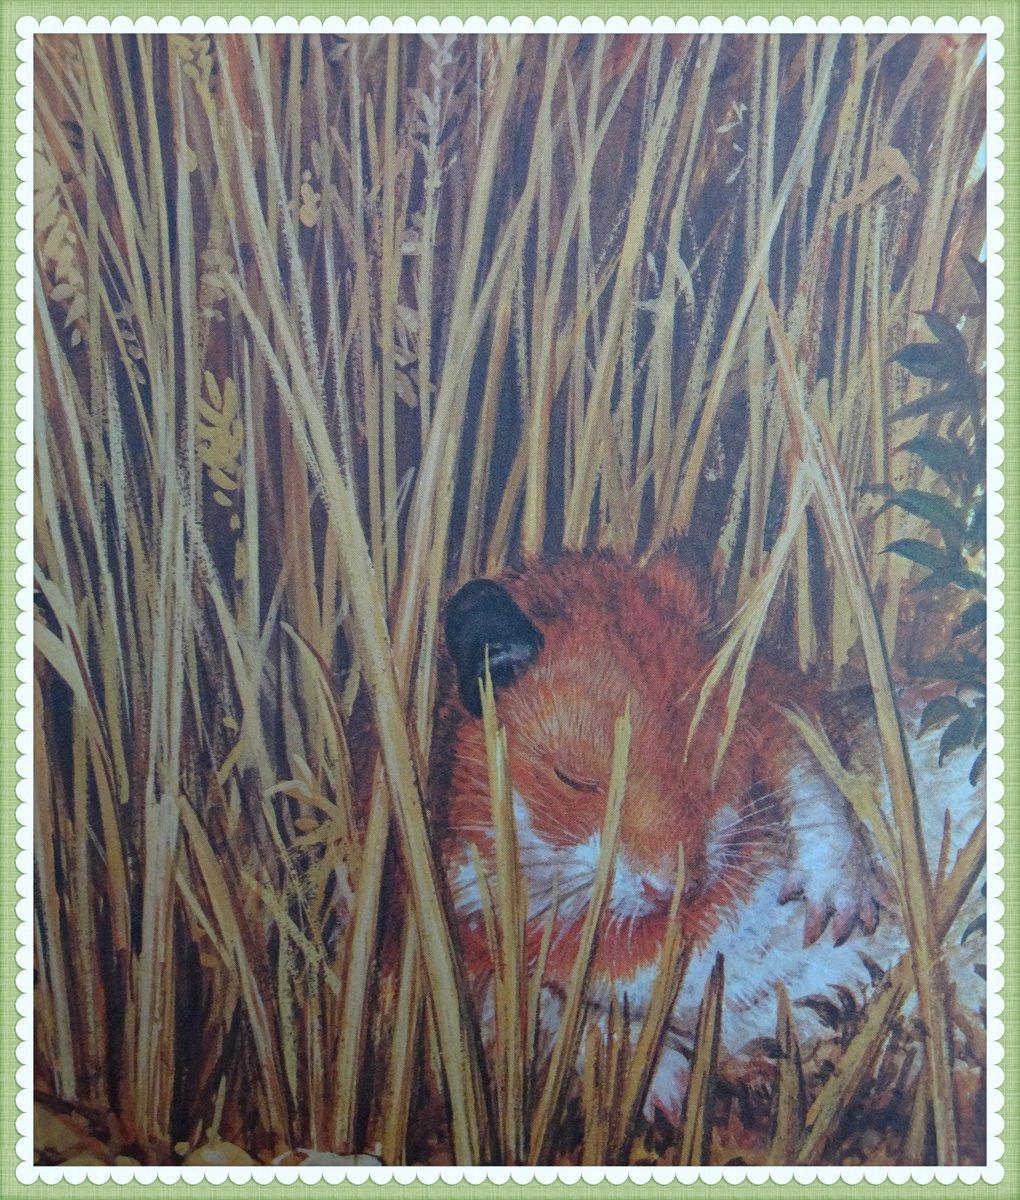 A nice sleepy #Hannibal from Hannibal on the Farm from #Ladybird #Vintagebooks